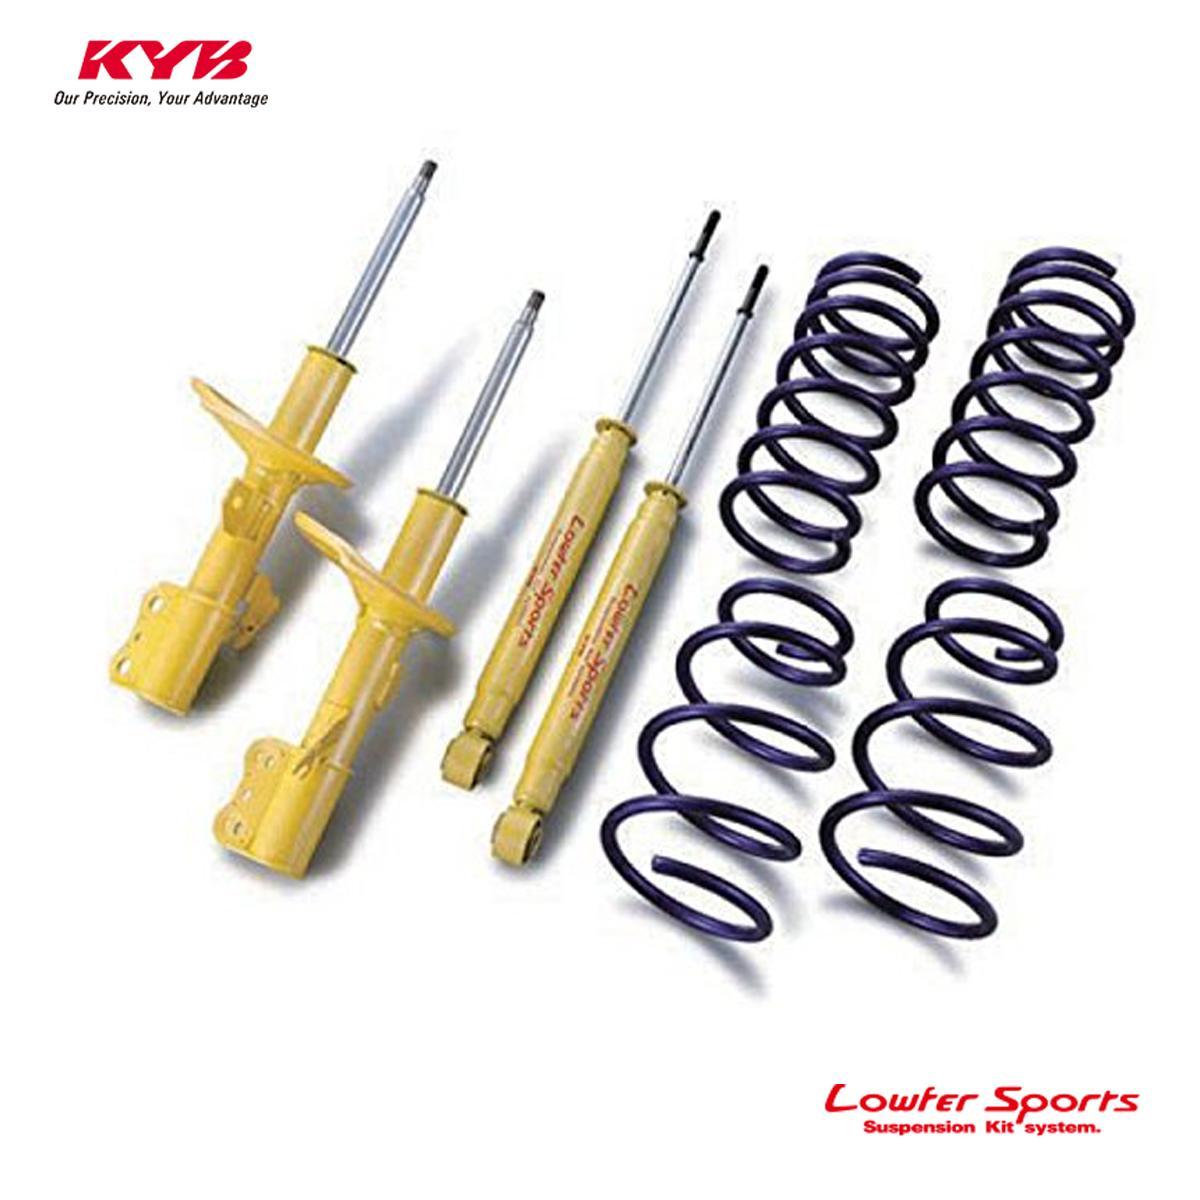 KYB カヤバ ノート E12 ショックアブソーバー サスペンションキット Lowfer Sports LKIT-E12 配送先条件有り